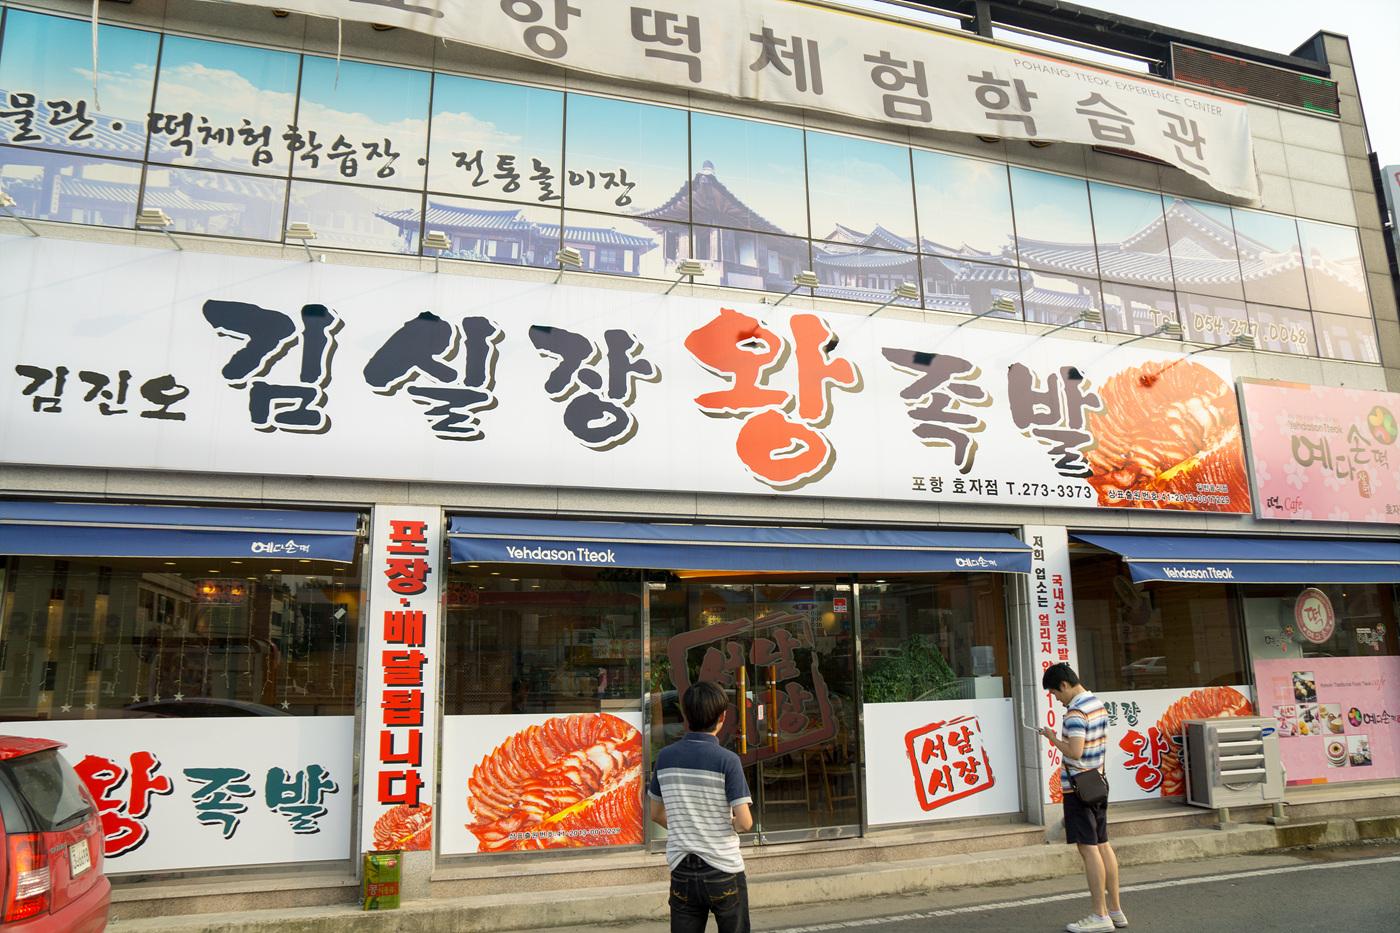 [포항 효자동] 김실장 왕족발